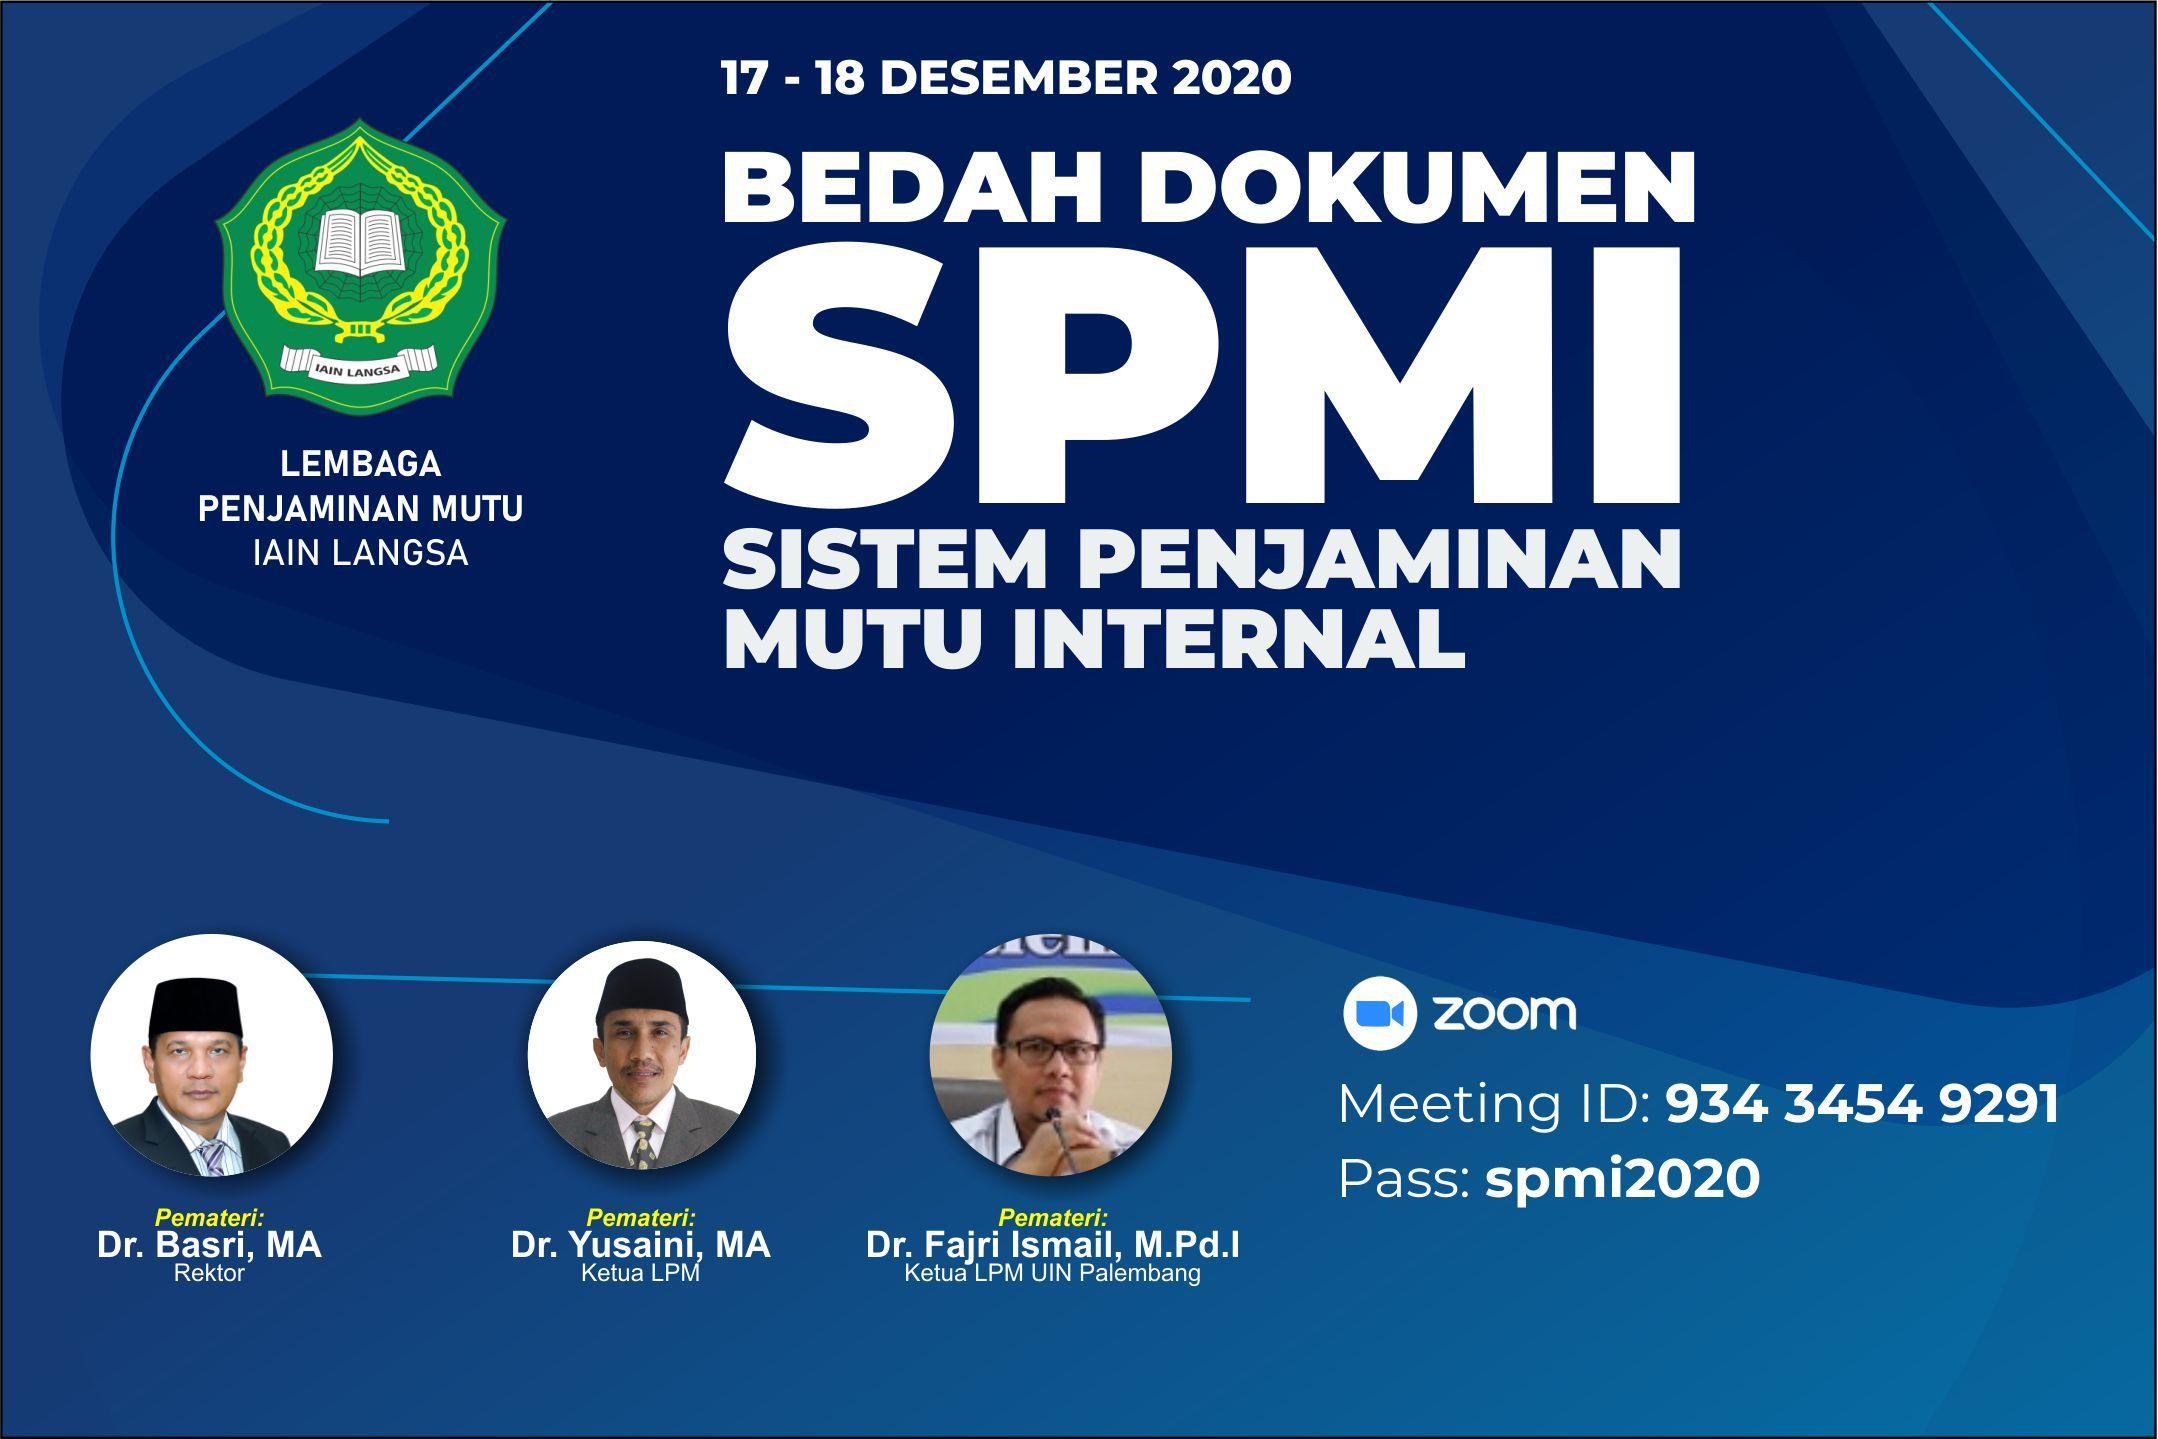 Bedah Dokumen Sistem Penjaminan Mutu Internal (SPMI)